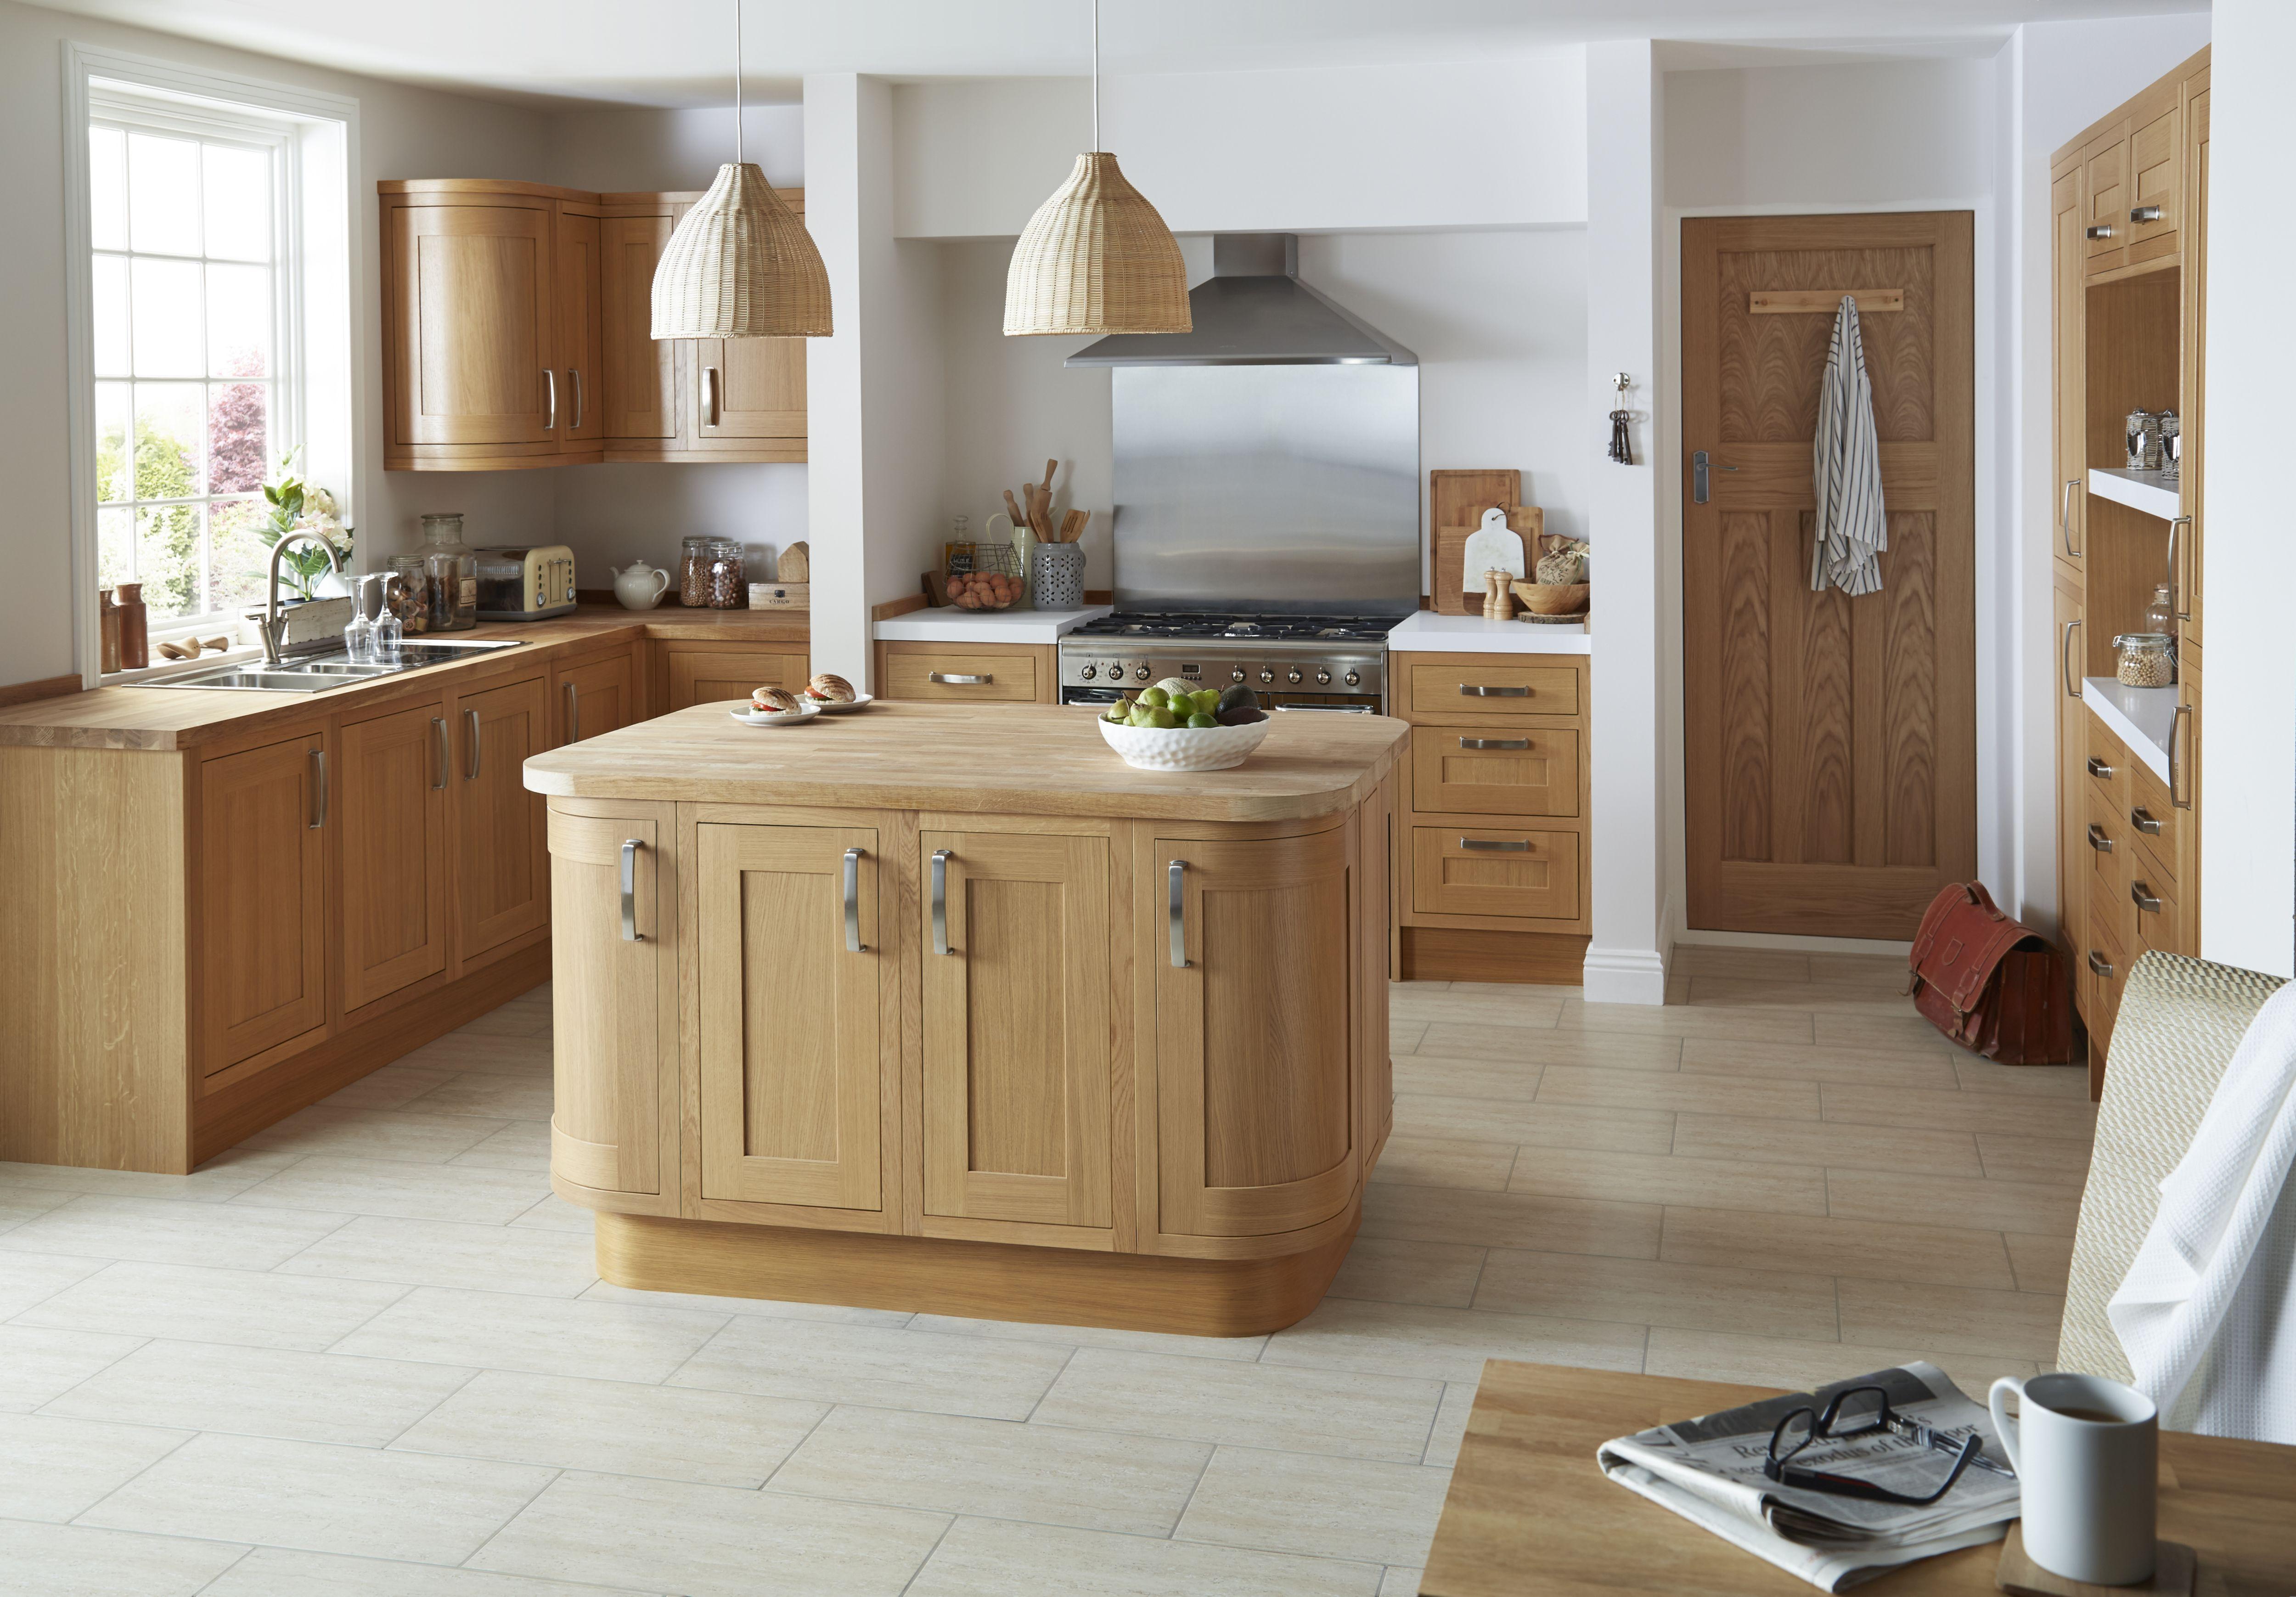 Superior Cooke U0026amp; Lewis Carisbrooke Oak Framed Kitchen